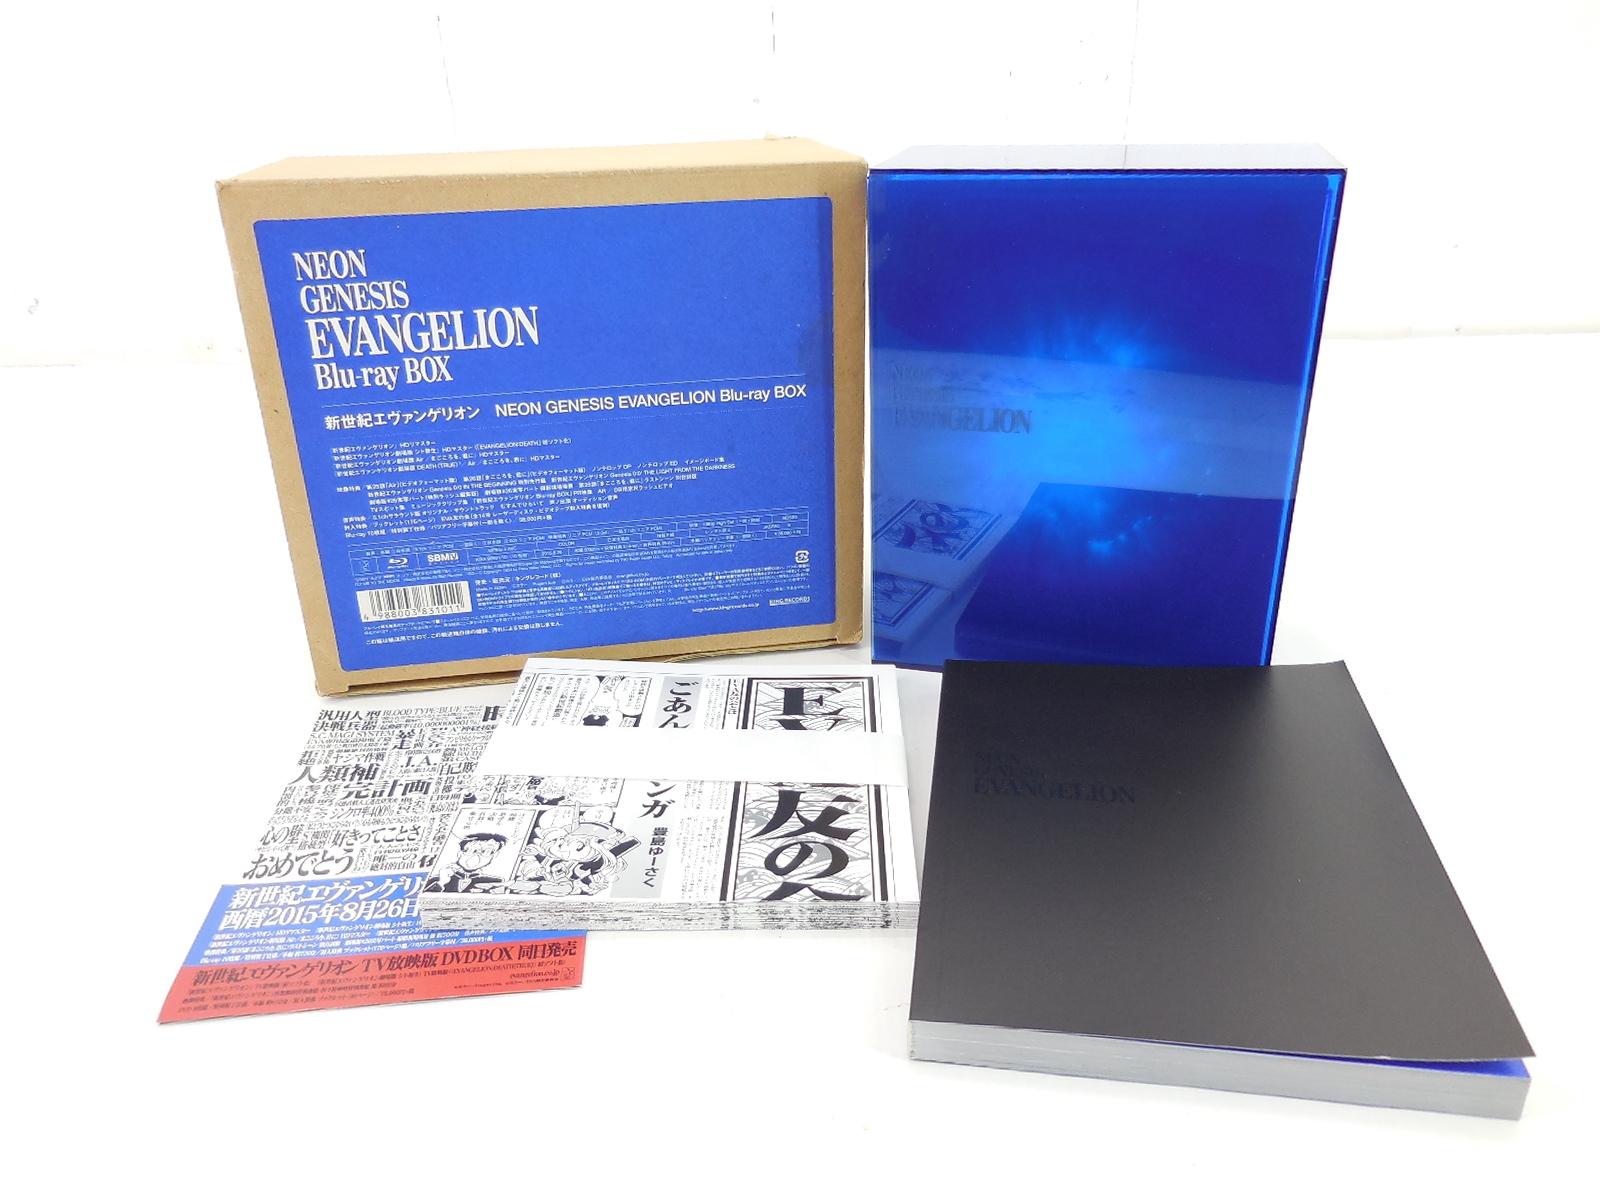 新世紀エヴァンゲリオン NEON GENESIS EVANGELION Blu-ray BOX 【Blu-ray】